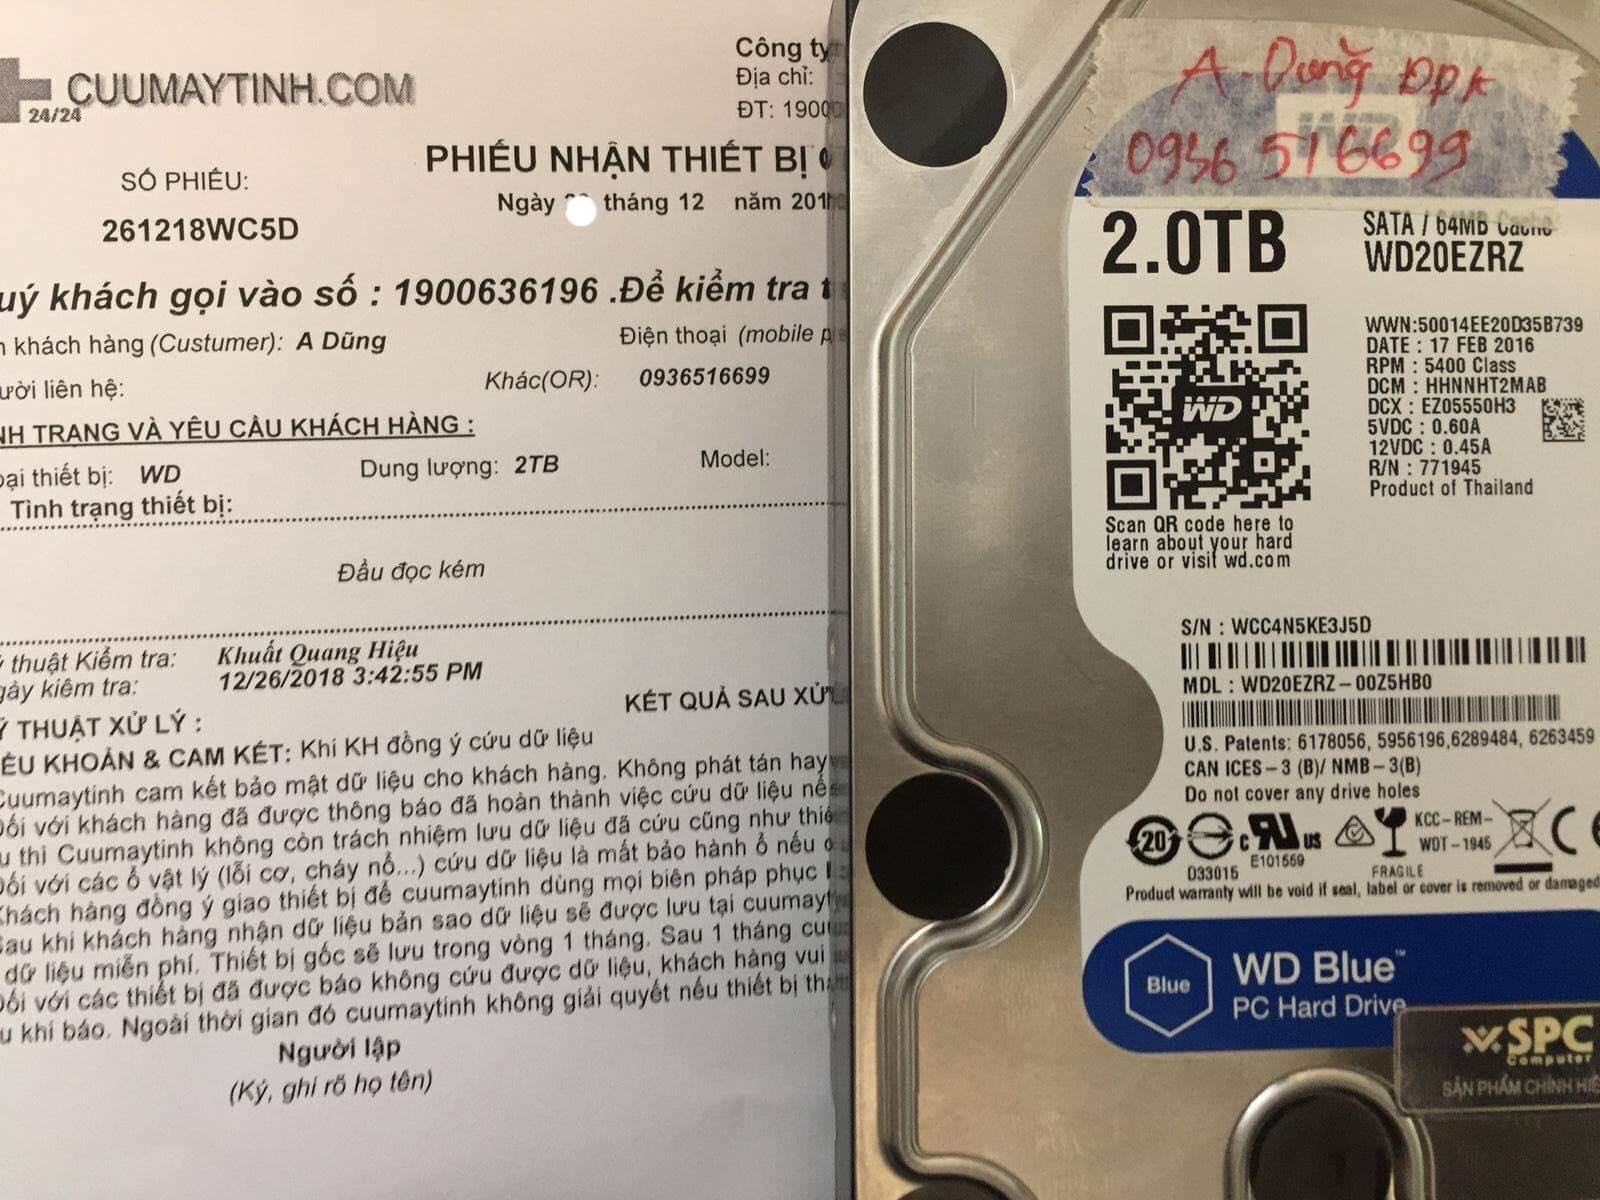 Phục hồi dữ liệu ổ cứng Western 2TB đầu đọc kém  28/12/2018 - cuumaytinh